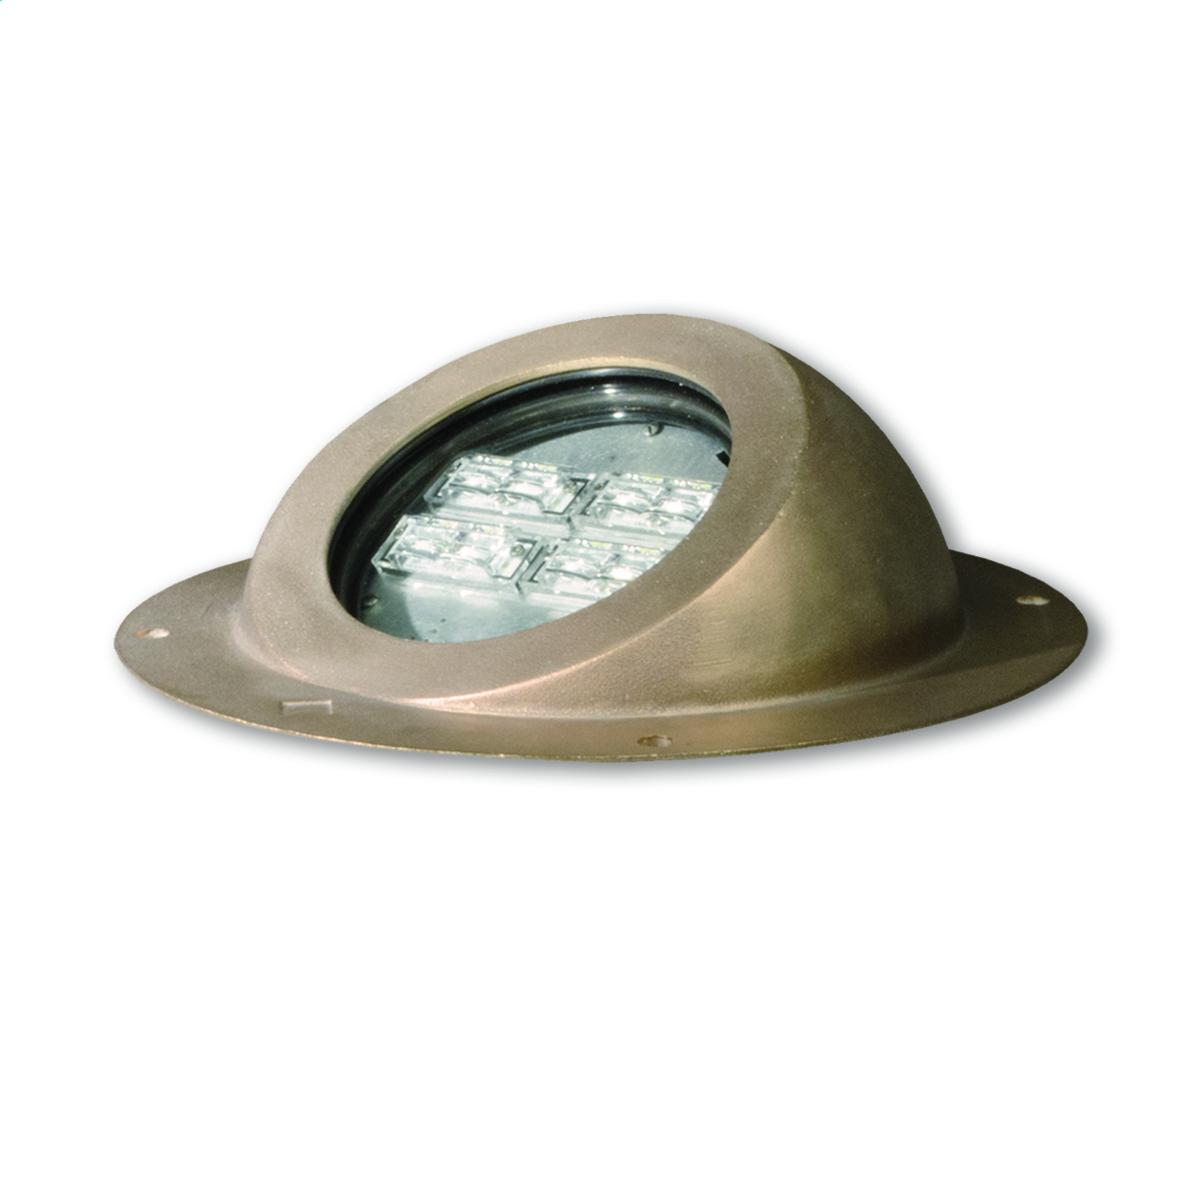 Lightvault® 8 RGBW Eyeball